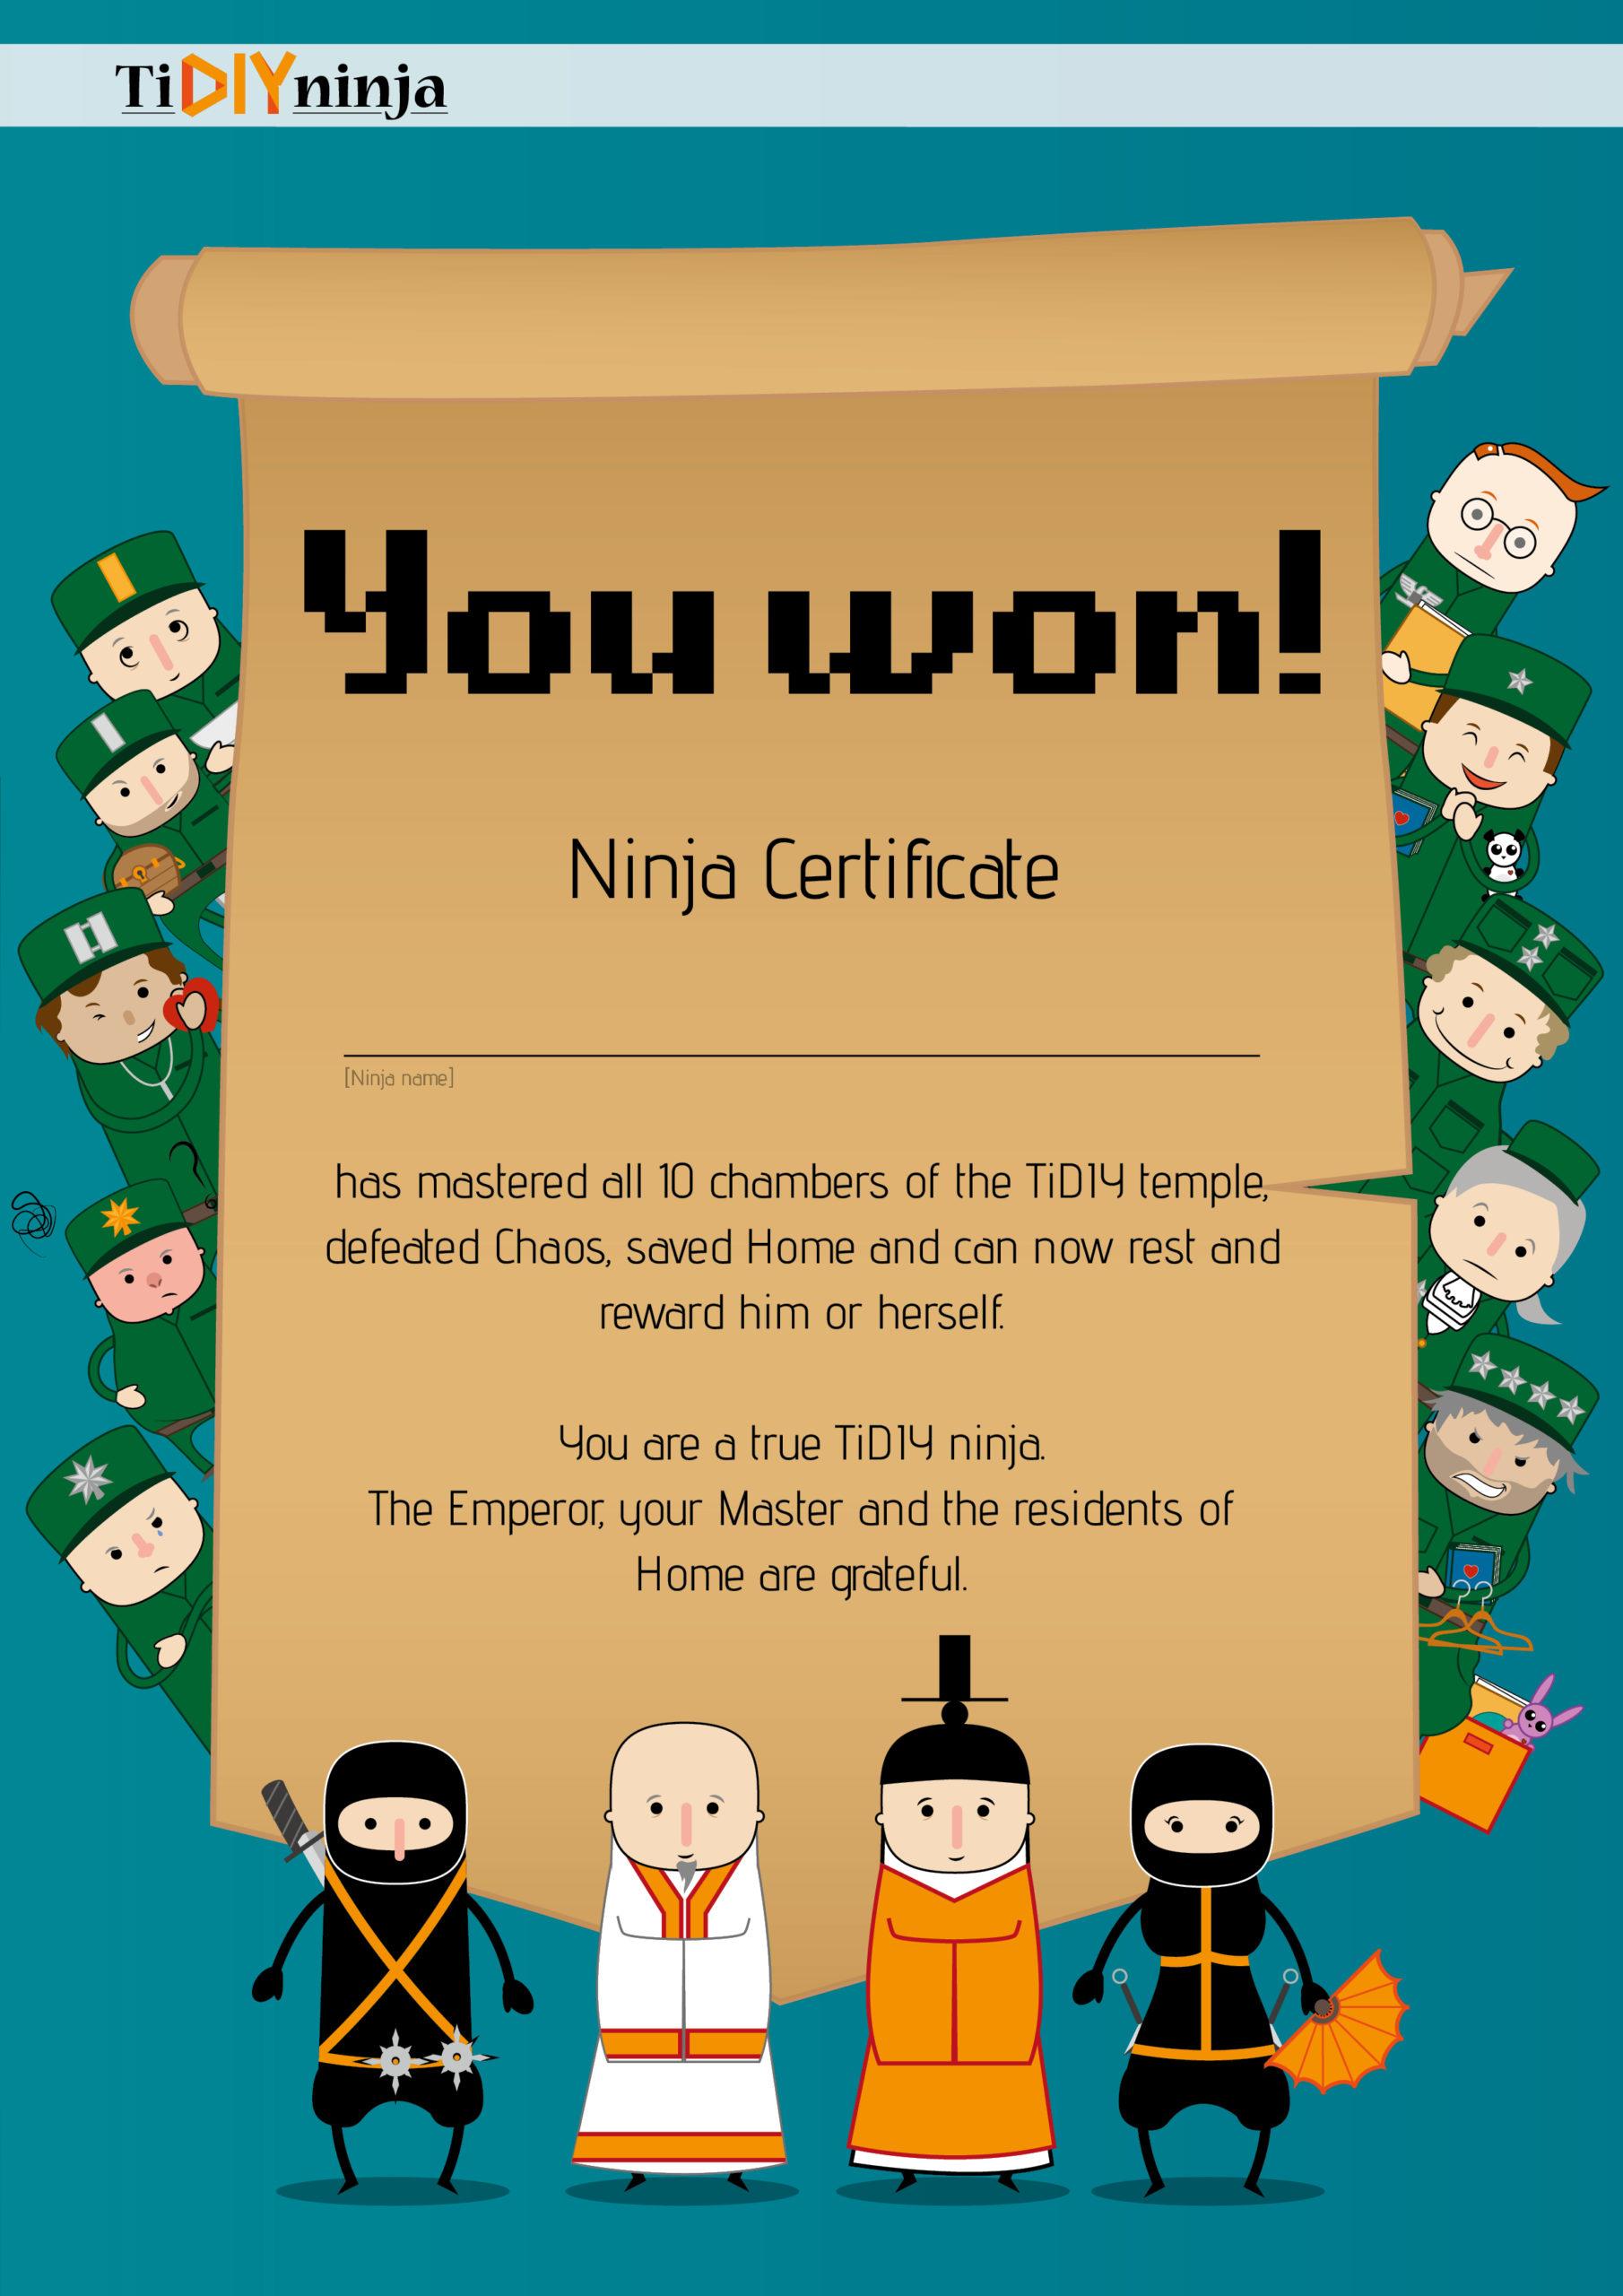 TiDIY_Ninja_Panorama-ausklappbar_0112